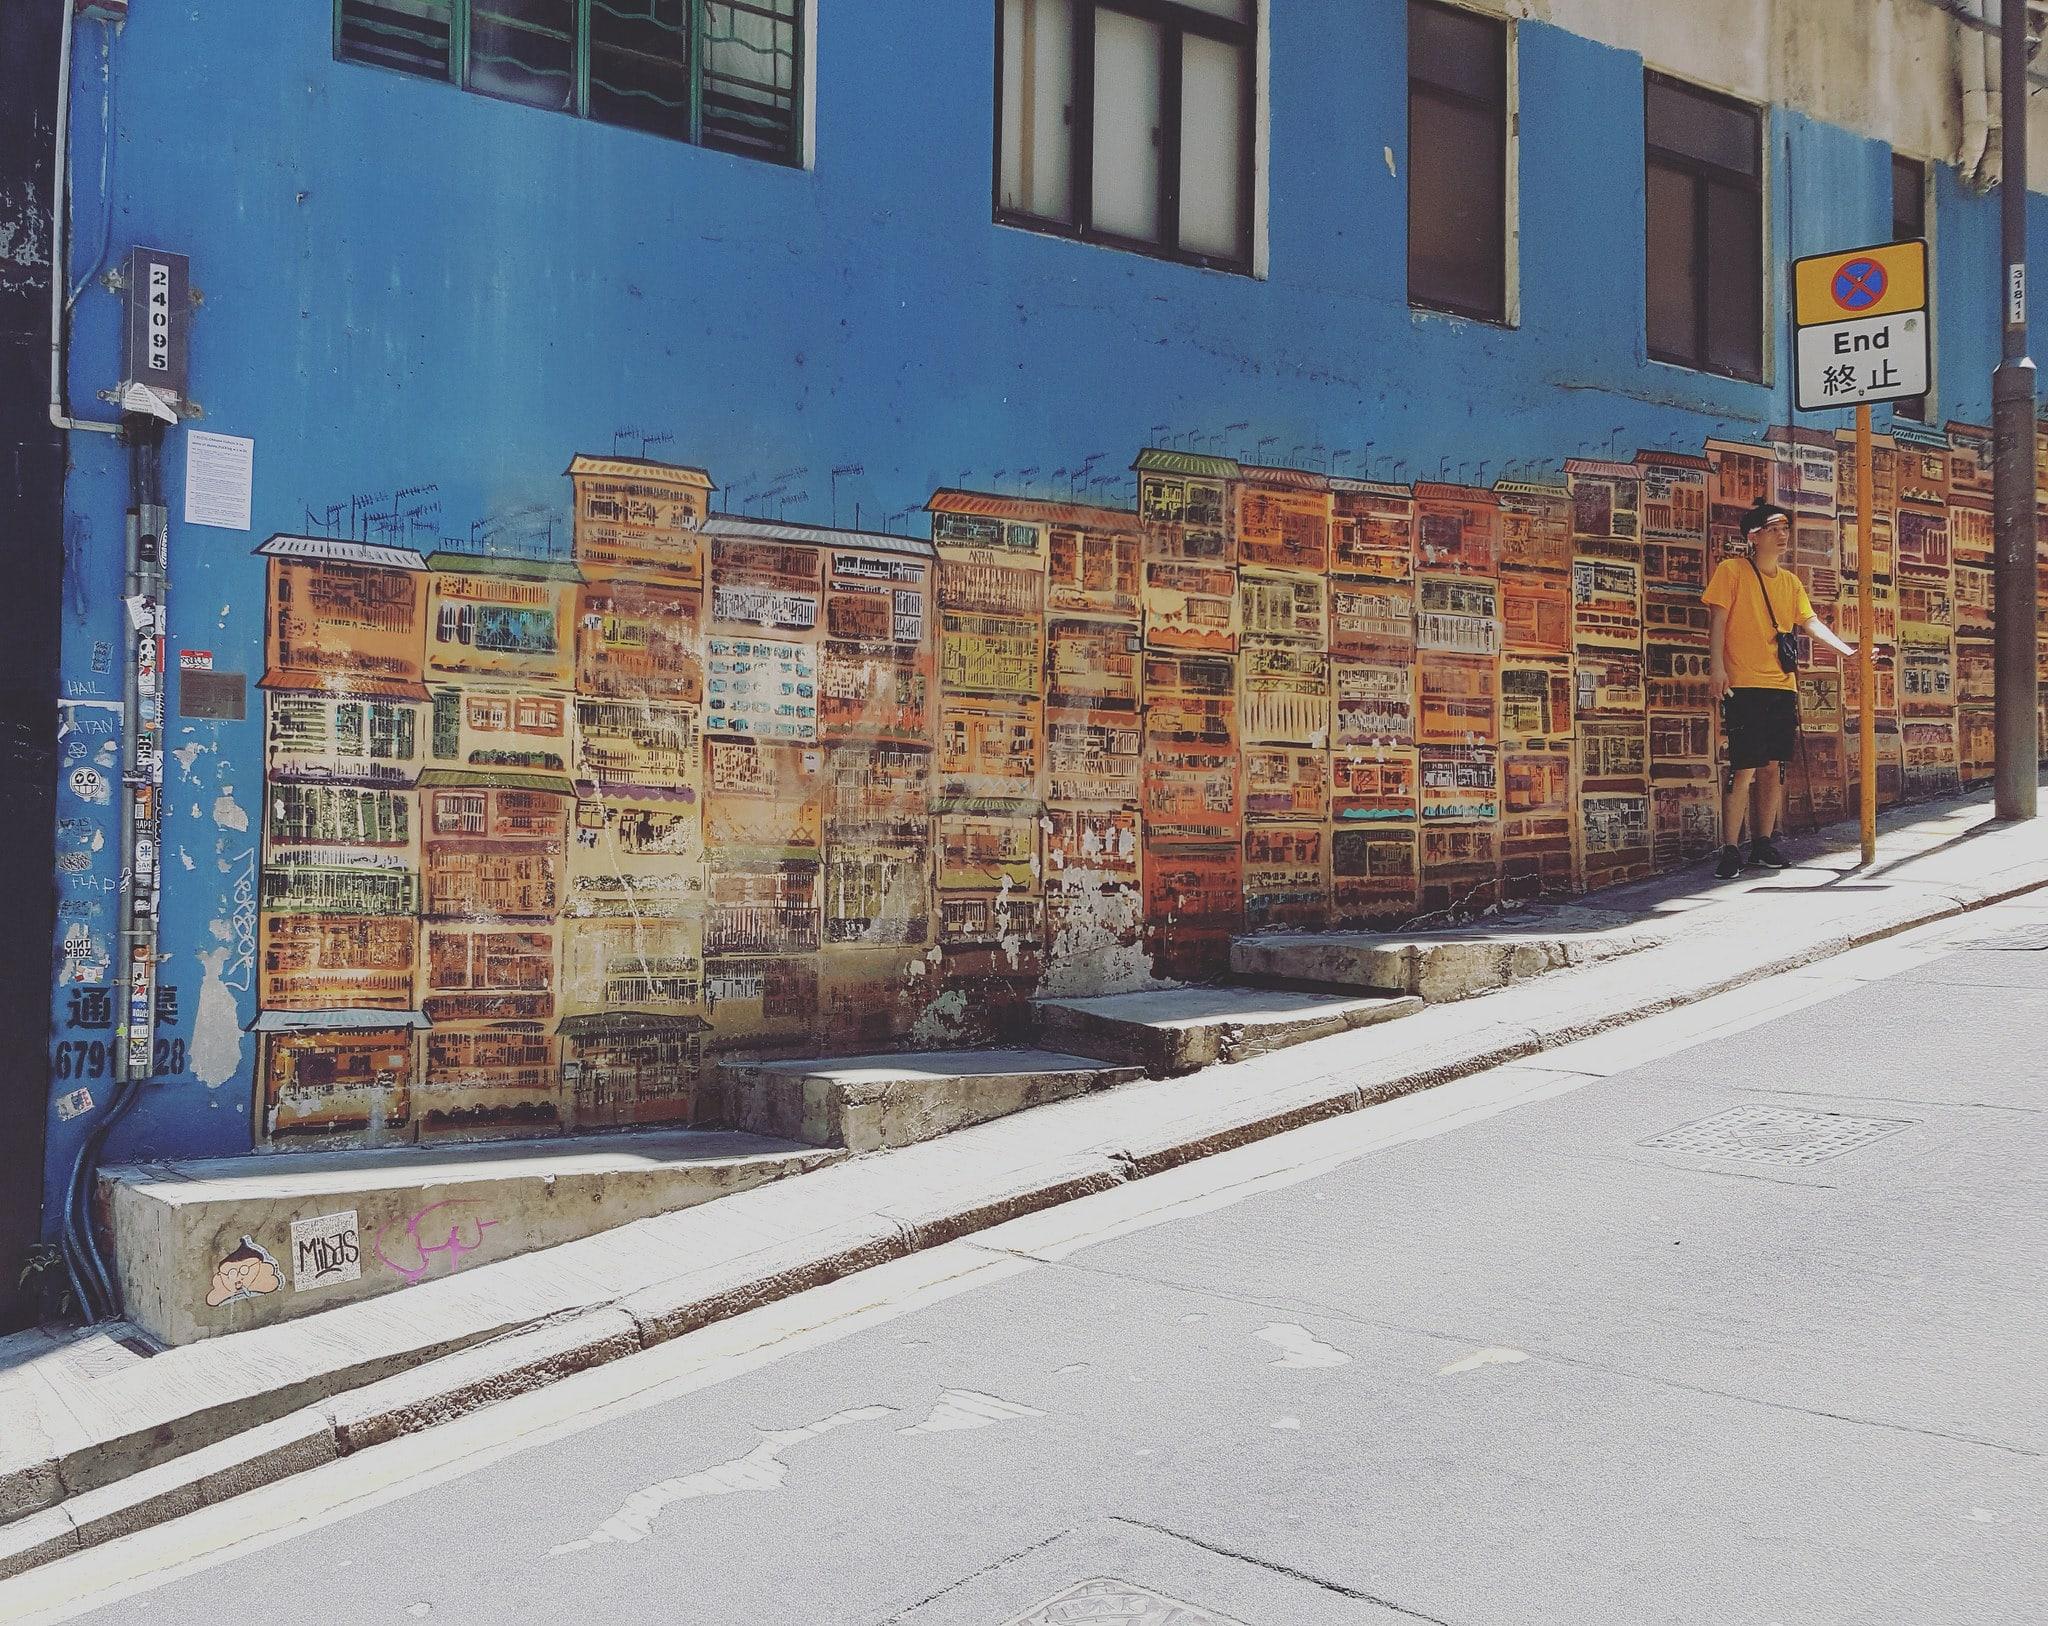 嘉咸街壁畫 來源:flickr@hq_finest